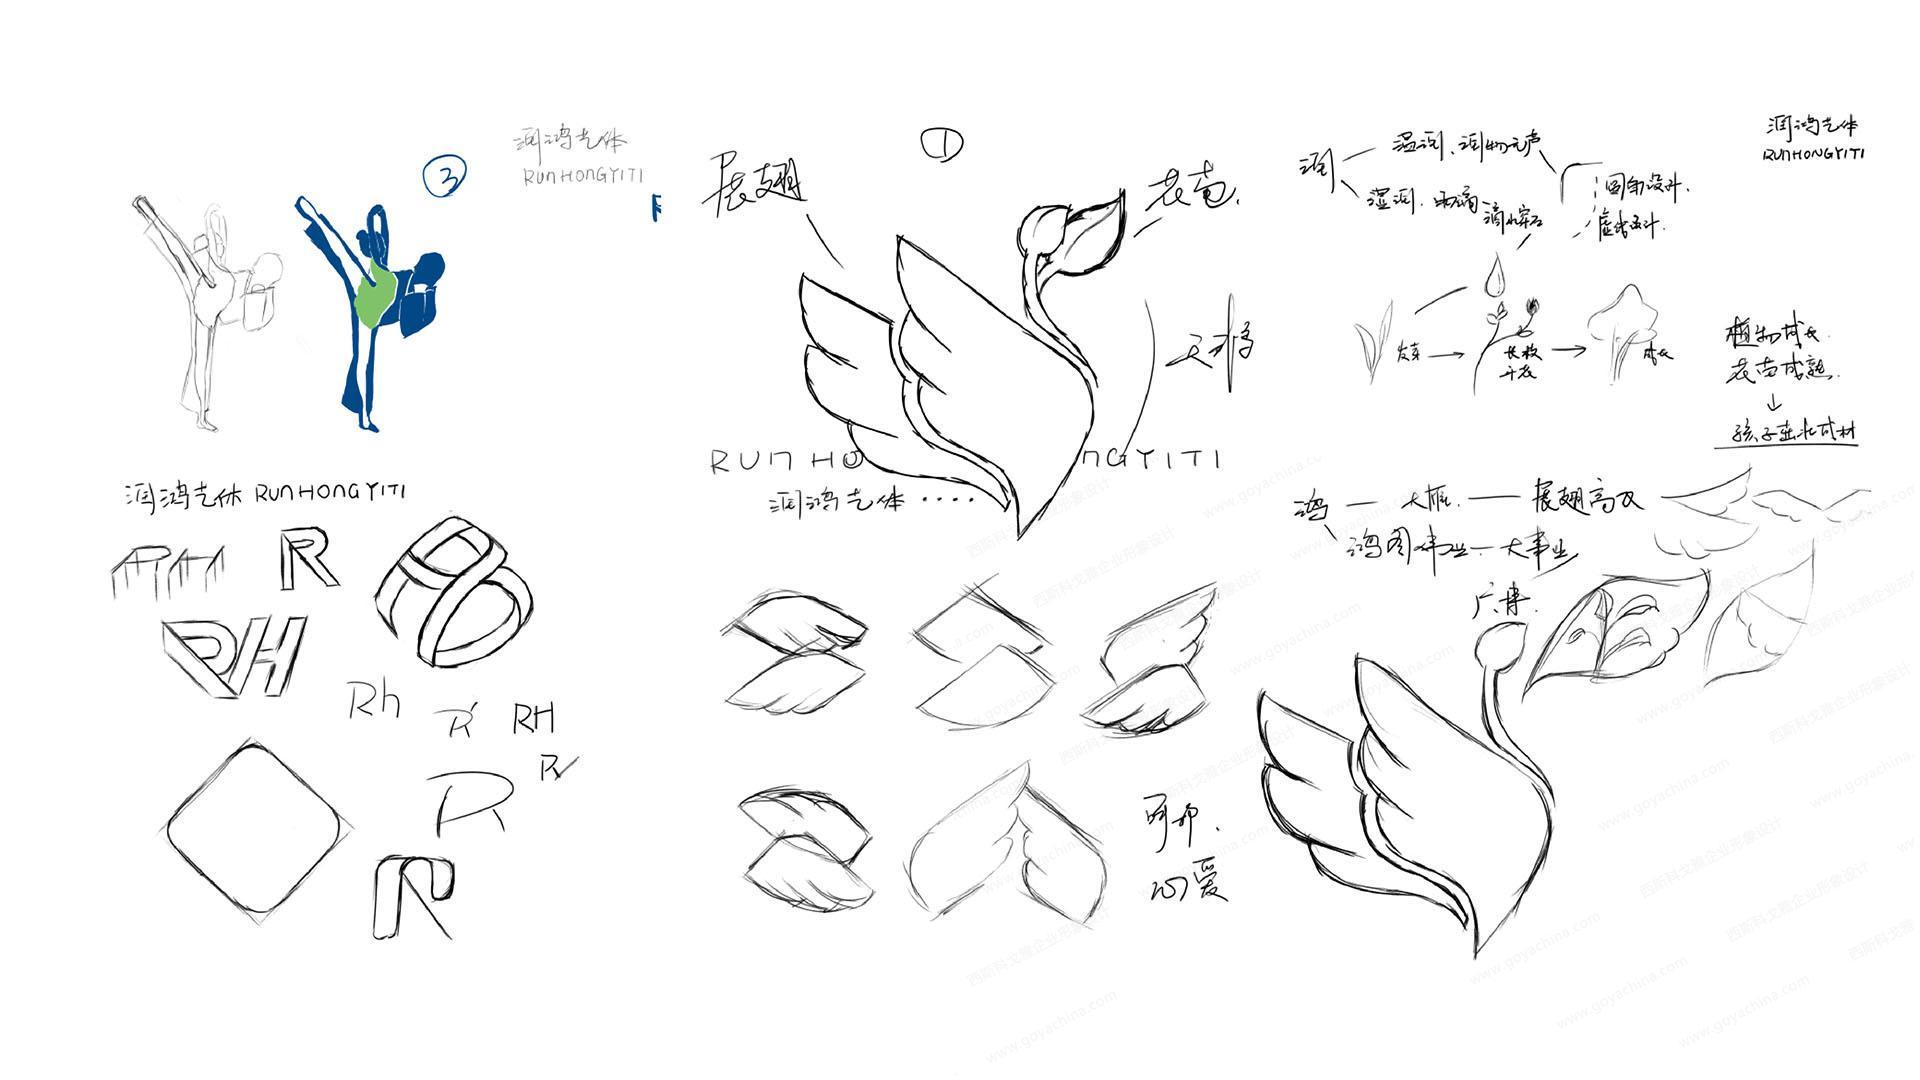 润鸿艺体logo案例整理-06.jpg